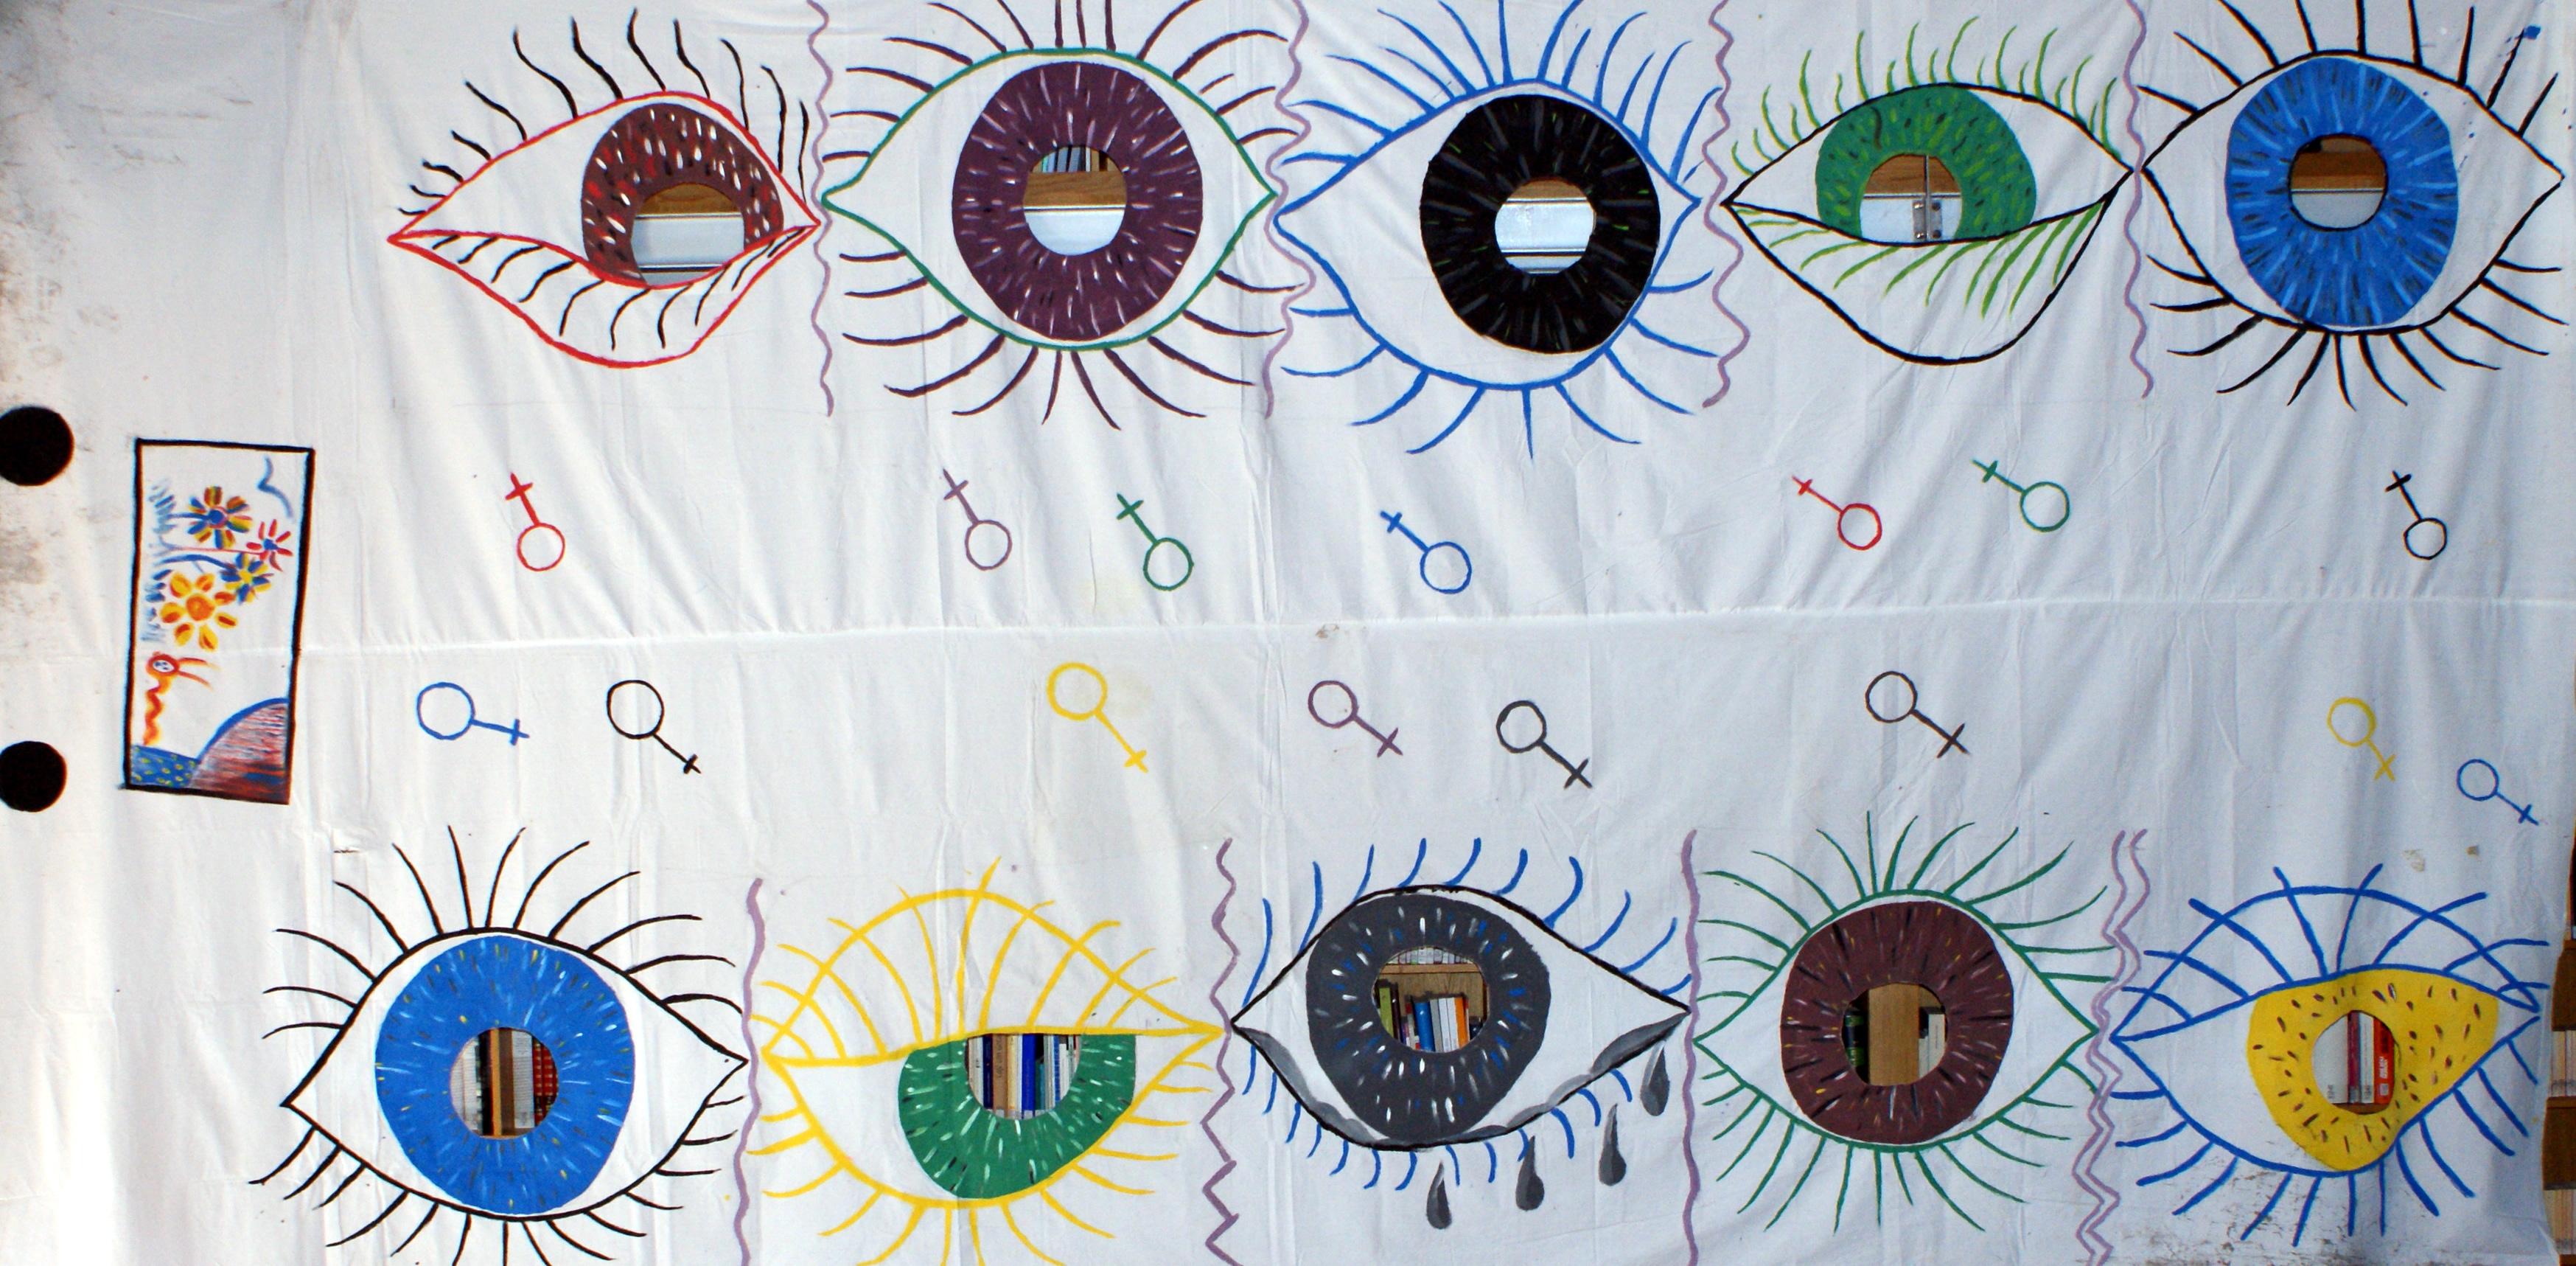 O proxecto cumpre dez anos como un referente na visibilización das mulleres na cultura do país